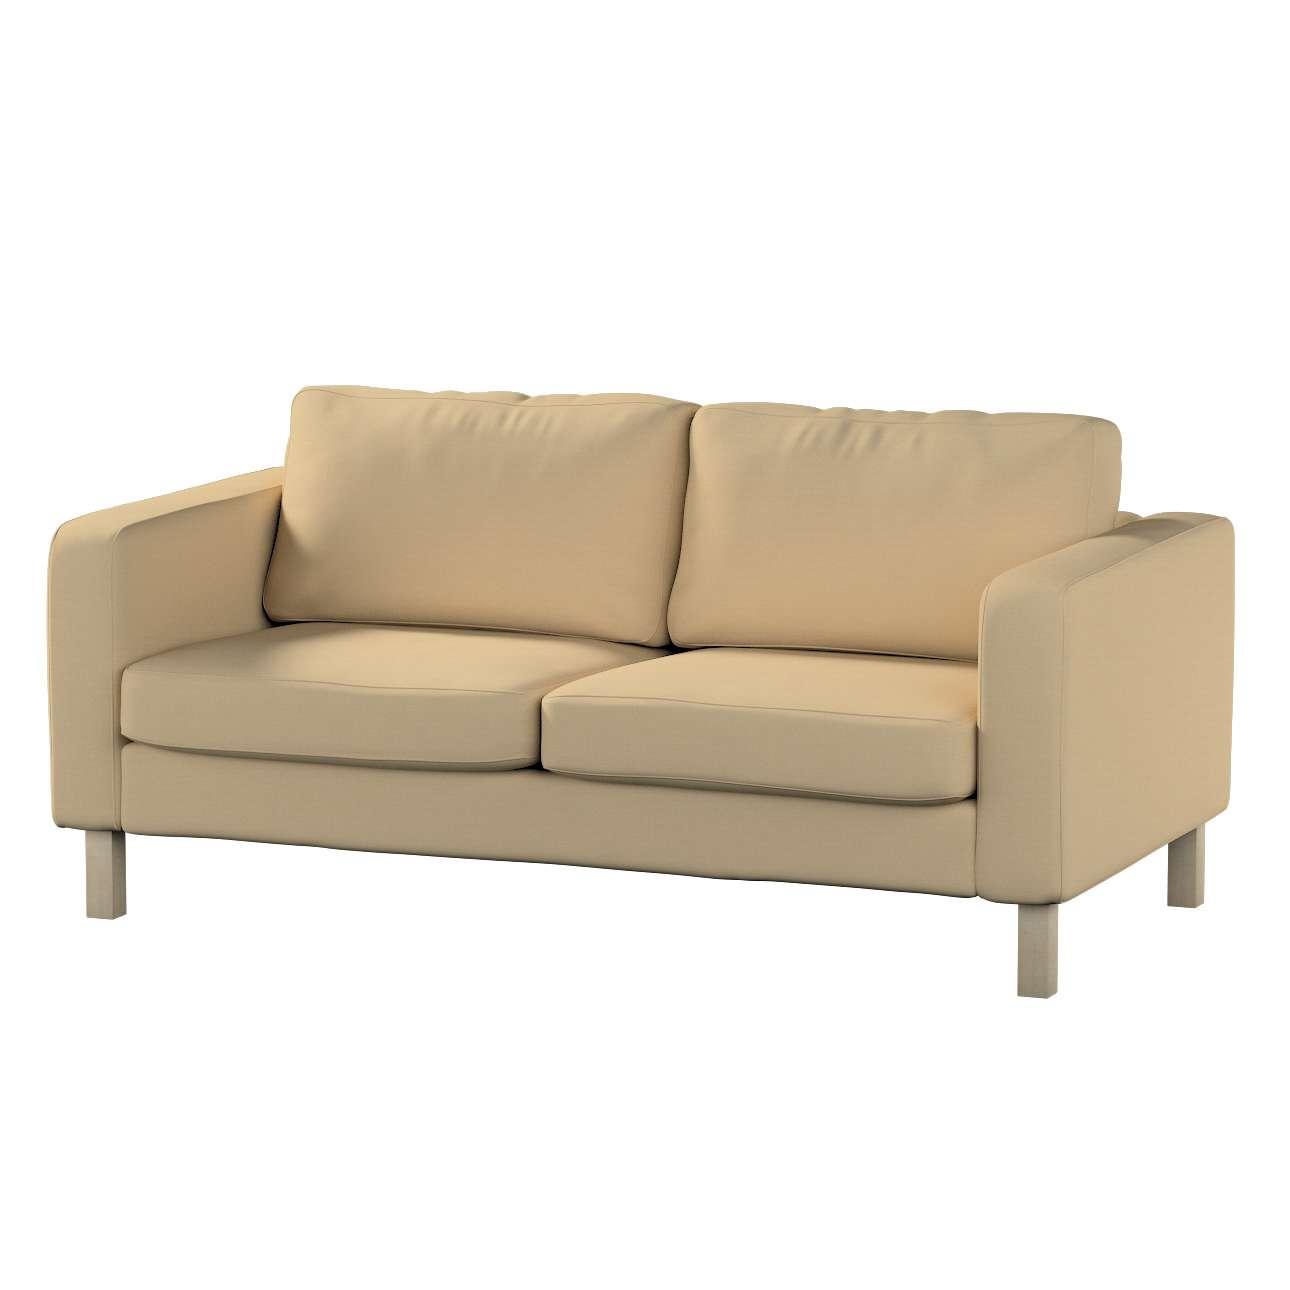 KARSLTAD dvivietės sofos užvalkalas Karlstad 2-vietės sofos užvalkalas kolekcijoje Cotton Panama, audinys: 702-01